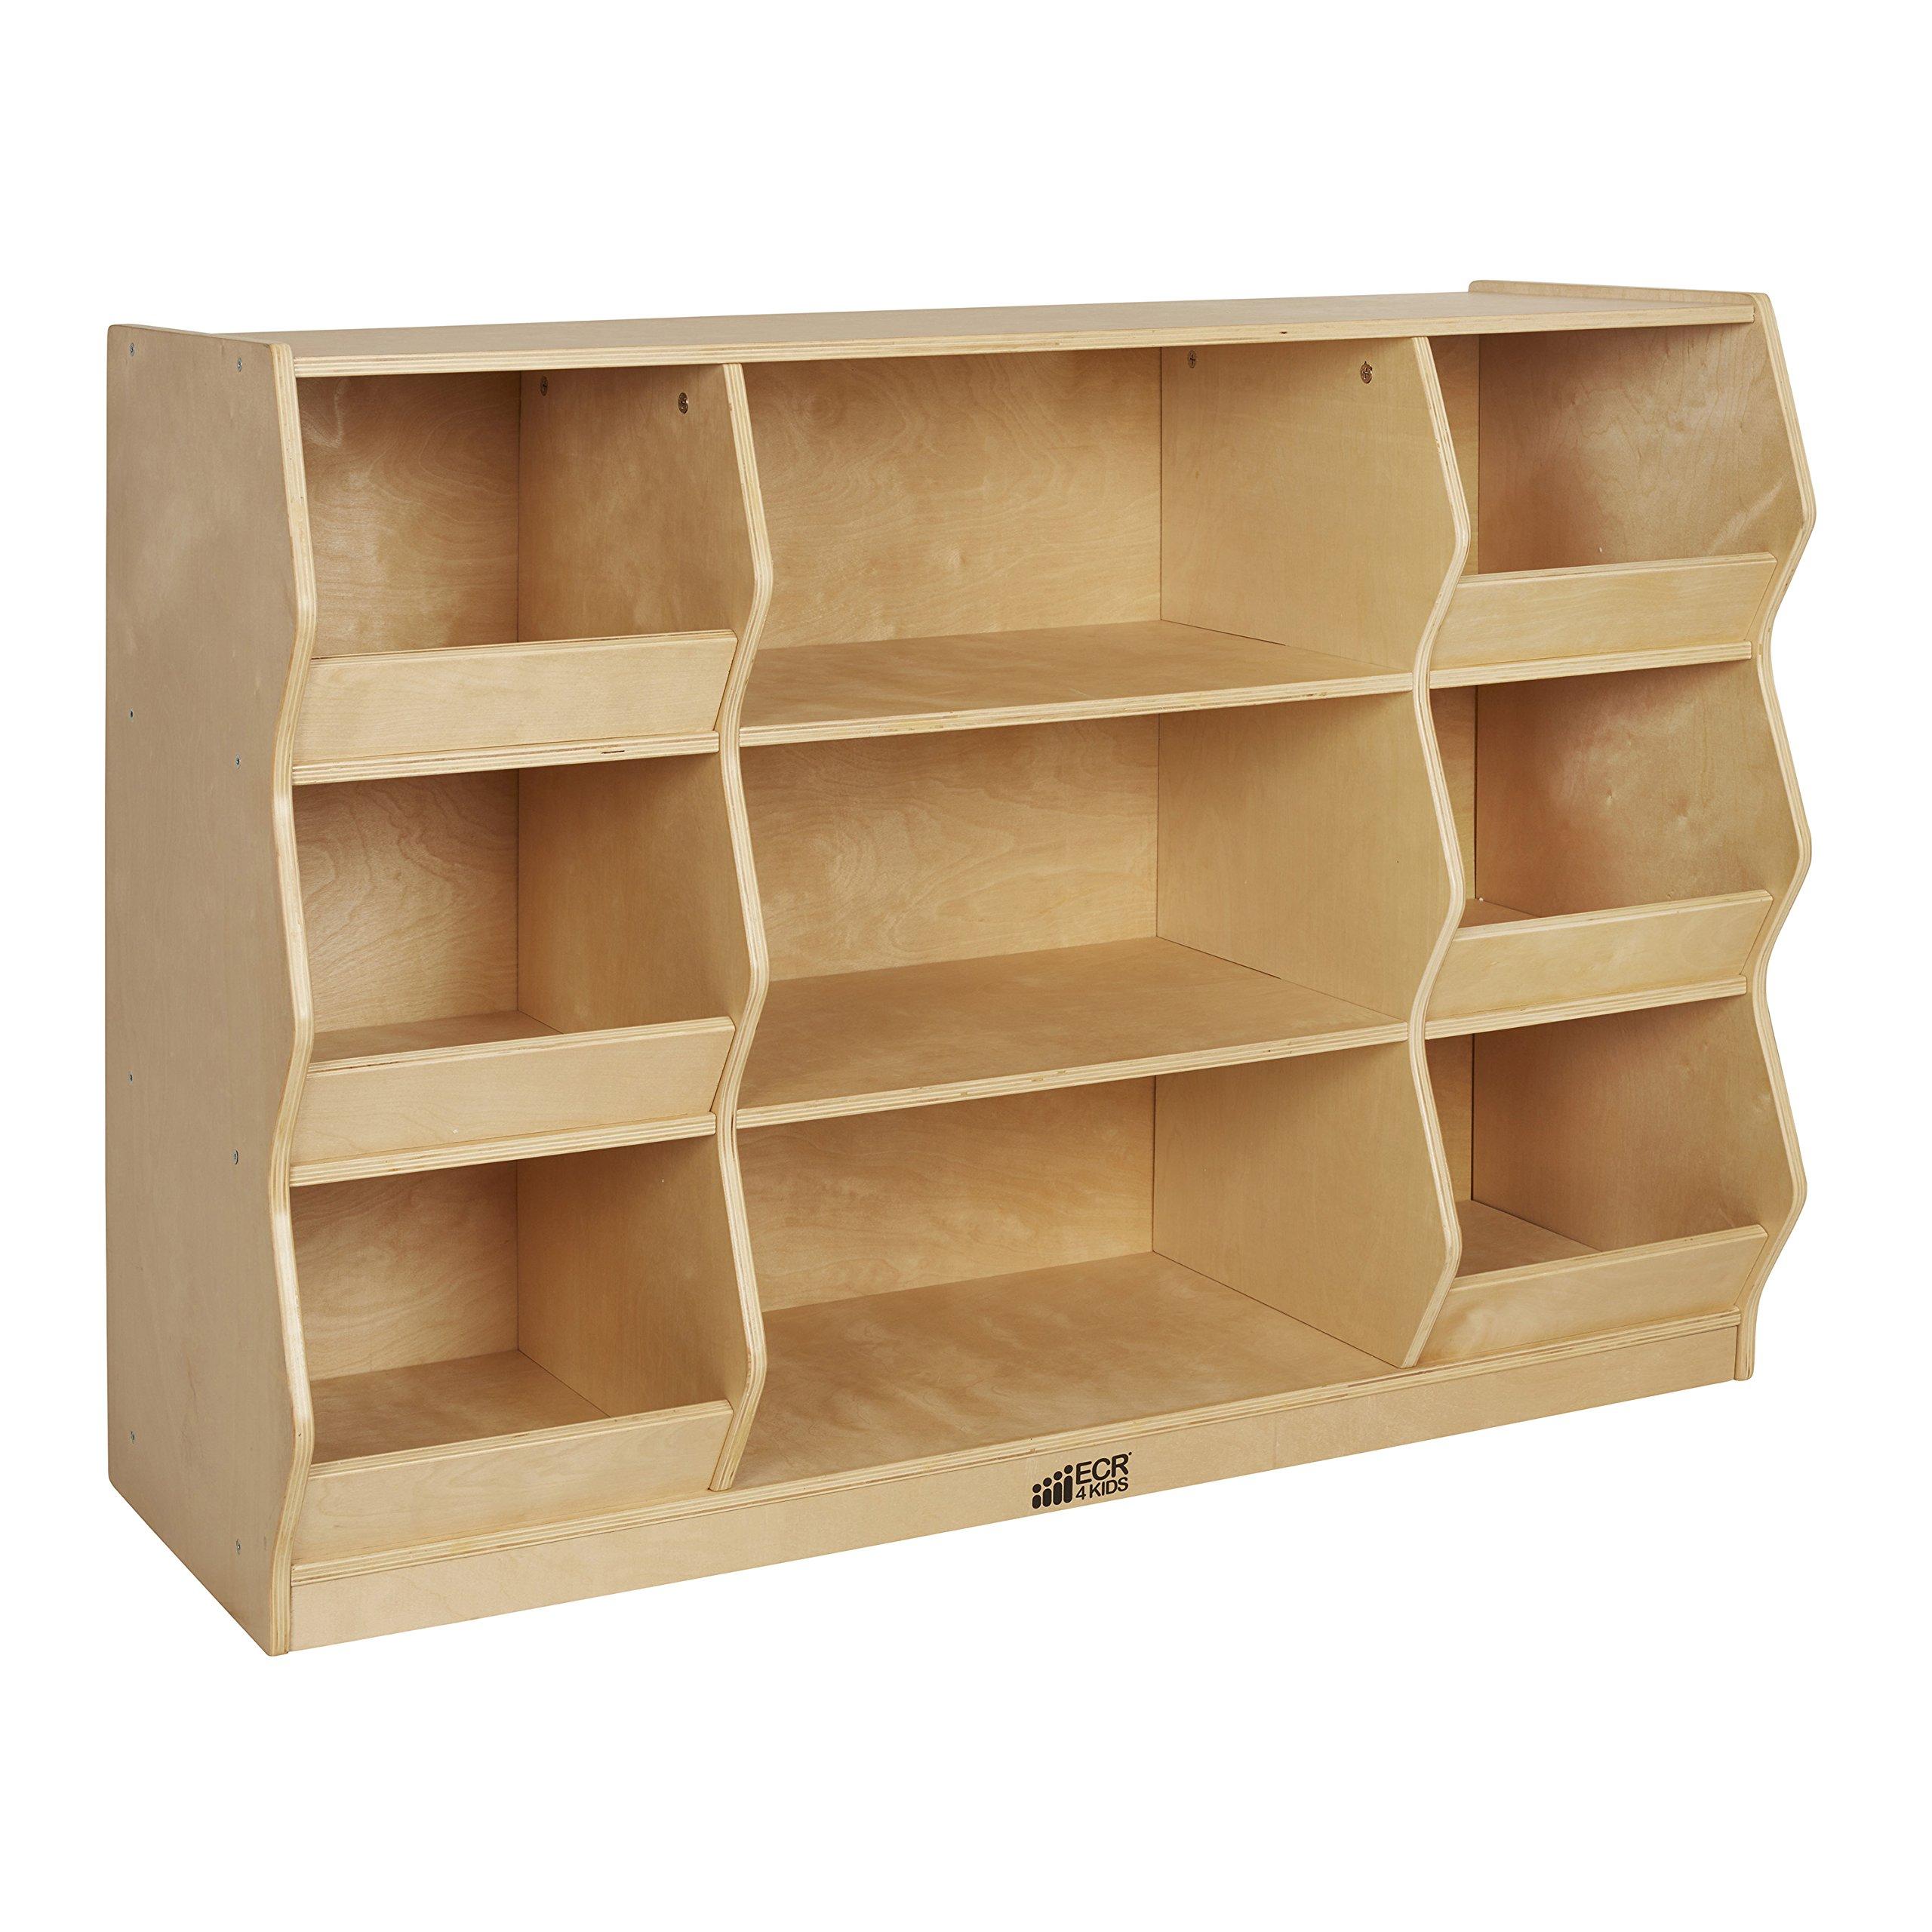 ECR4Kids Birch Hardwood School Organizer and Play Storage Cabinet, Natural, 35'' H